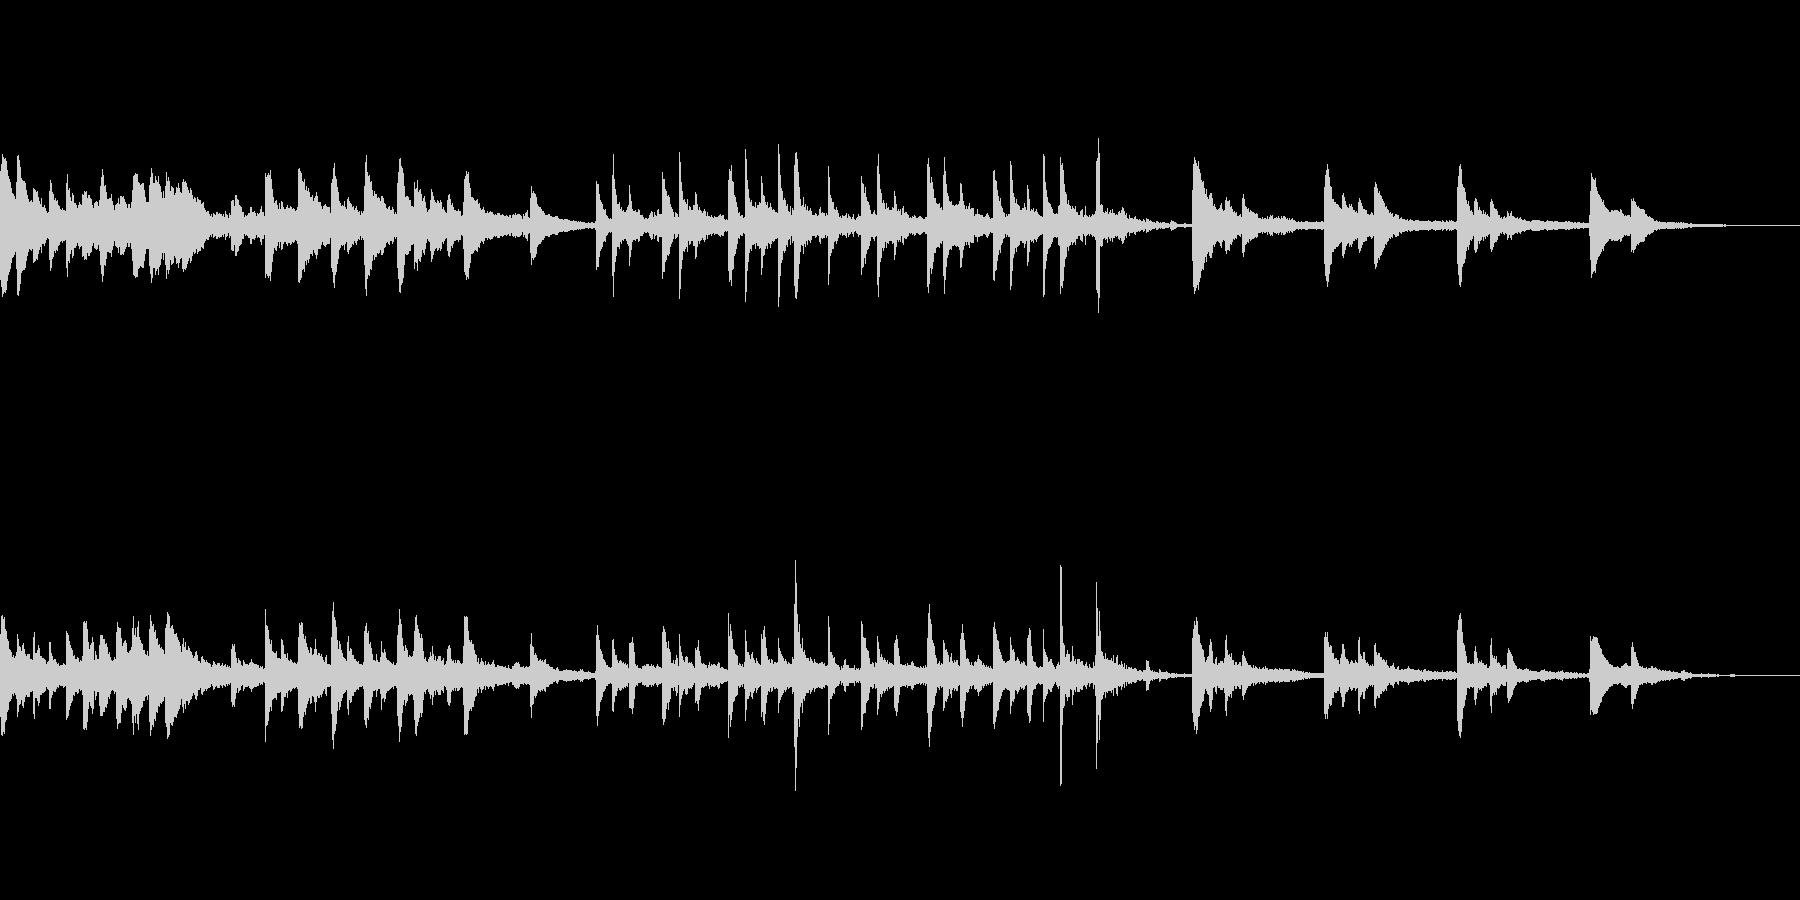 退廃的で物悲しいピアノホラーの未再生の波形